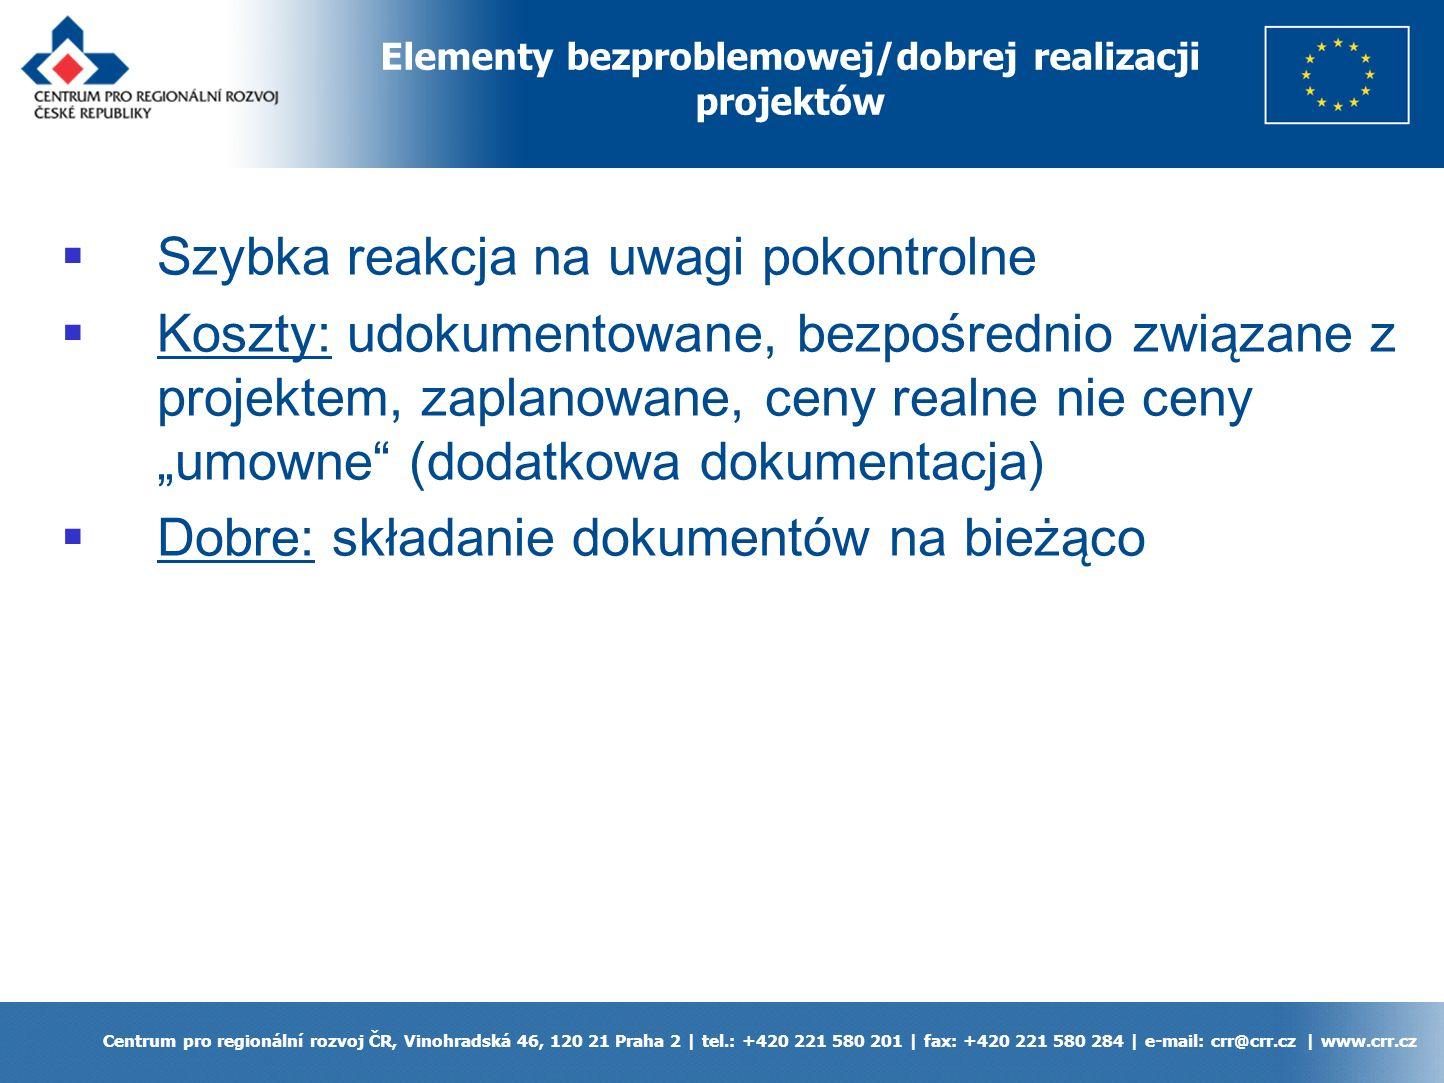 Centrum pro regionální rozvoj ČR, Vinohradská 46, 120 21 Praha 2 | tel.: +420 221 580 201 | fax: +420 221 580 284 | e-mail: crr@crr.cz | www.crr.cz Szybka reakcja na uwagi pokontrolne Koszty: udokumentowane, bezpośrednio związane z projektem, zaplanowane, ceny realne nie ceny umowne (dodatkowa dokumentacja) Dobre: składanie dokumentów na bieżąco Elementy bezproblemowej/dobrej realizacji projektów